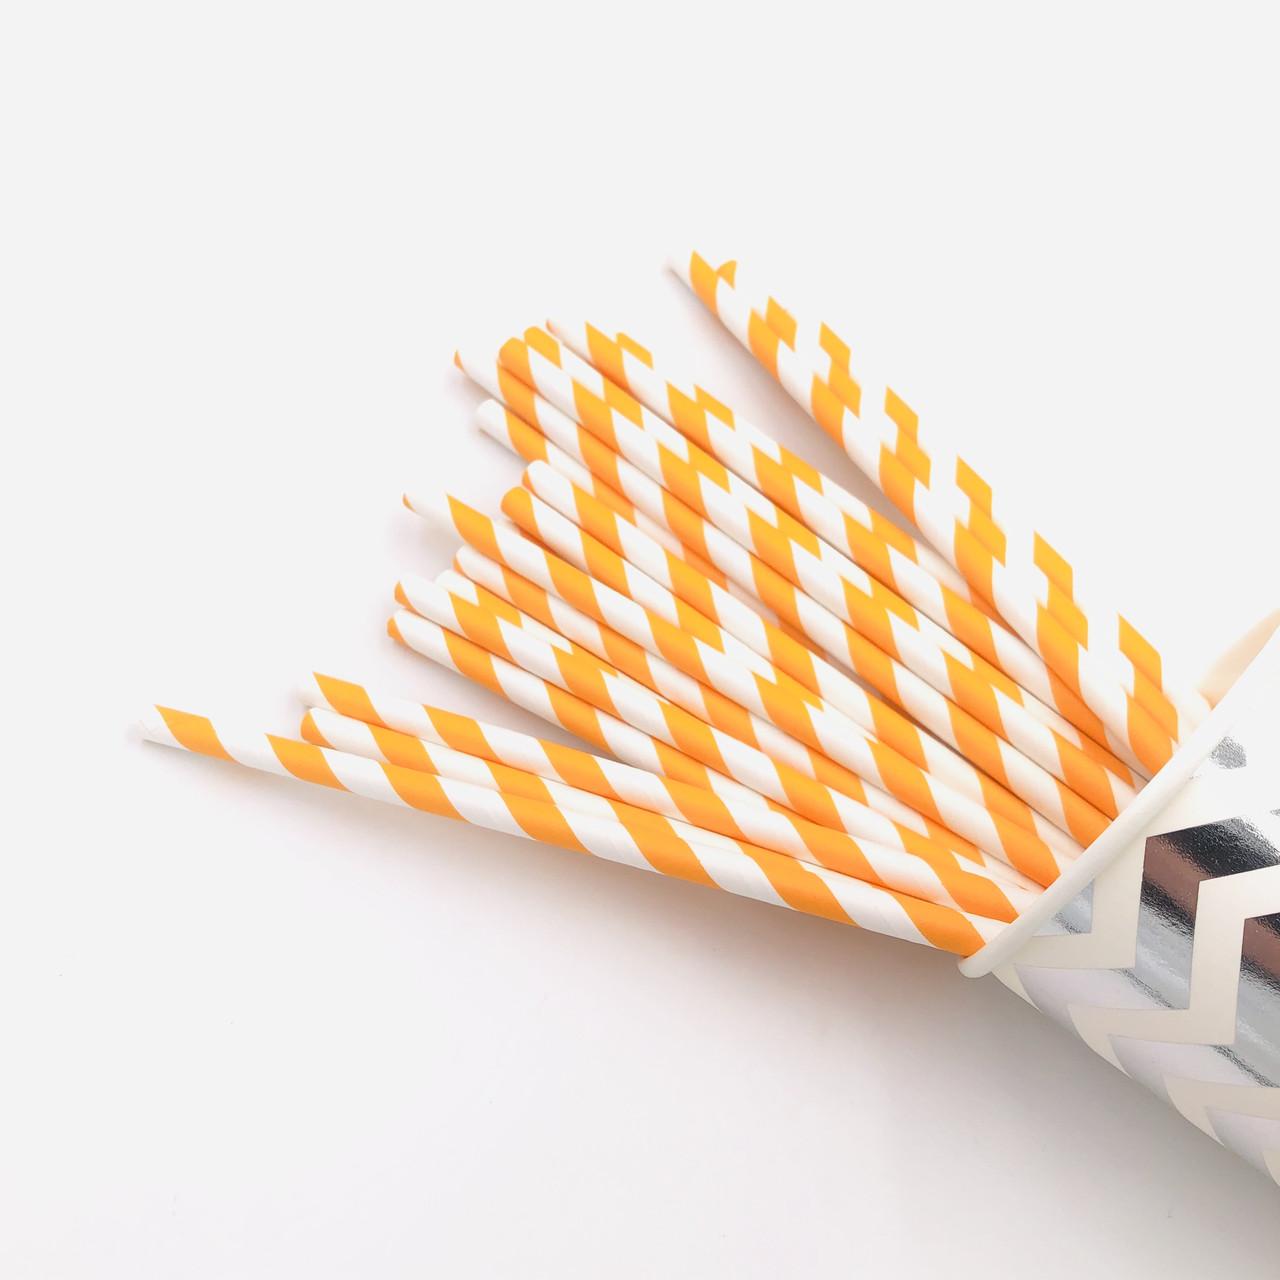 Бумажные трубочки для напитков 25 штук оранжевые шеврон